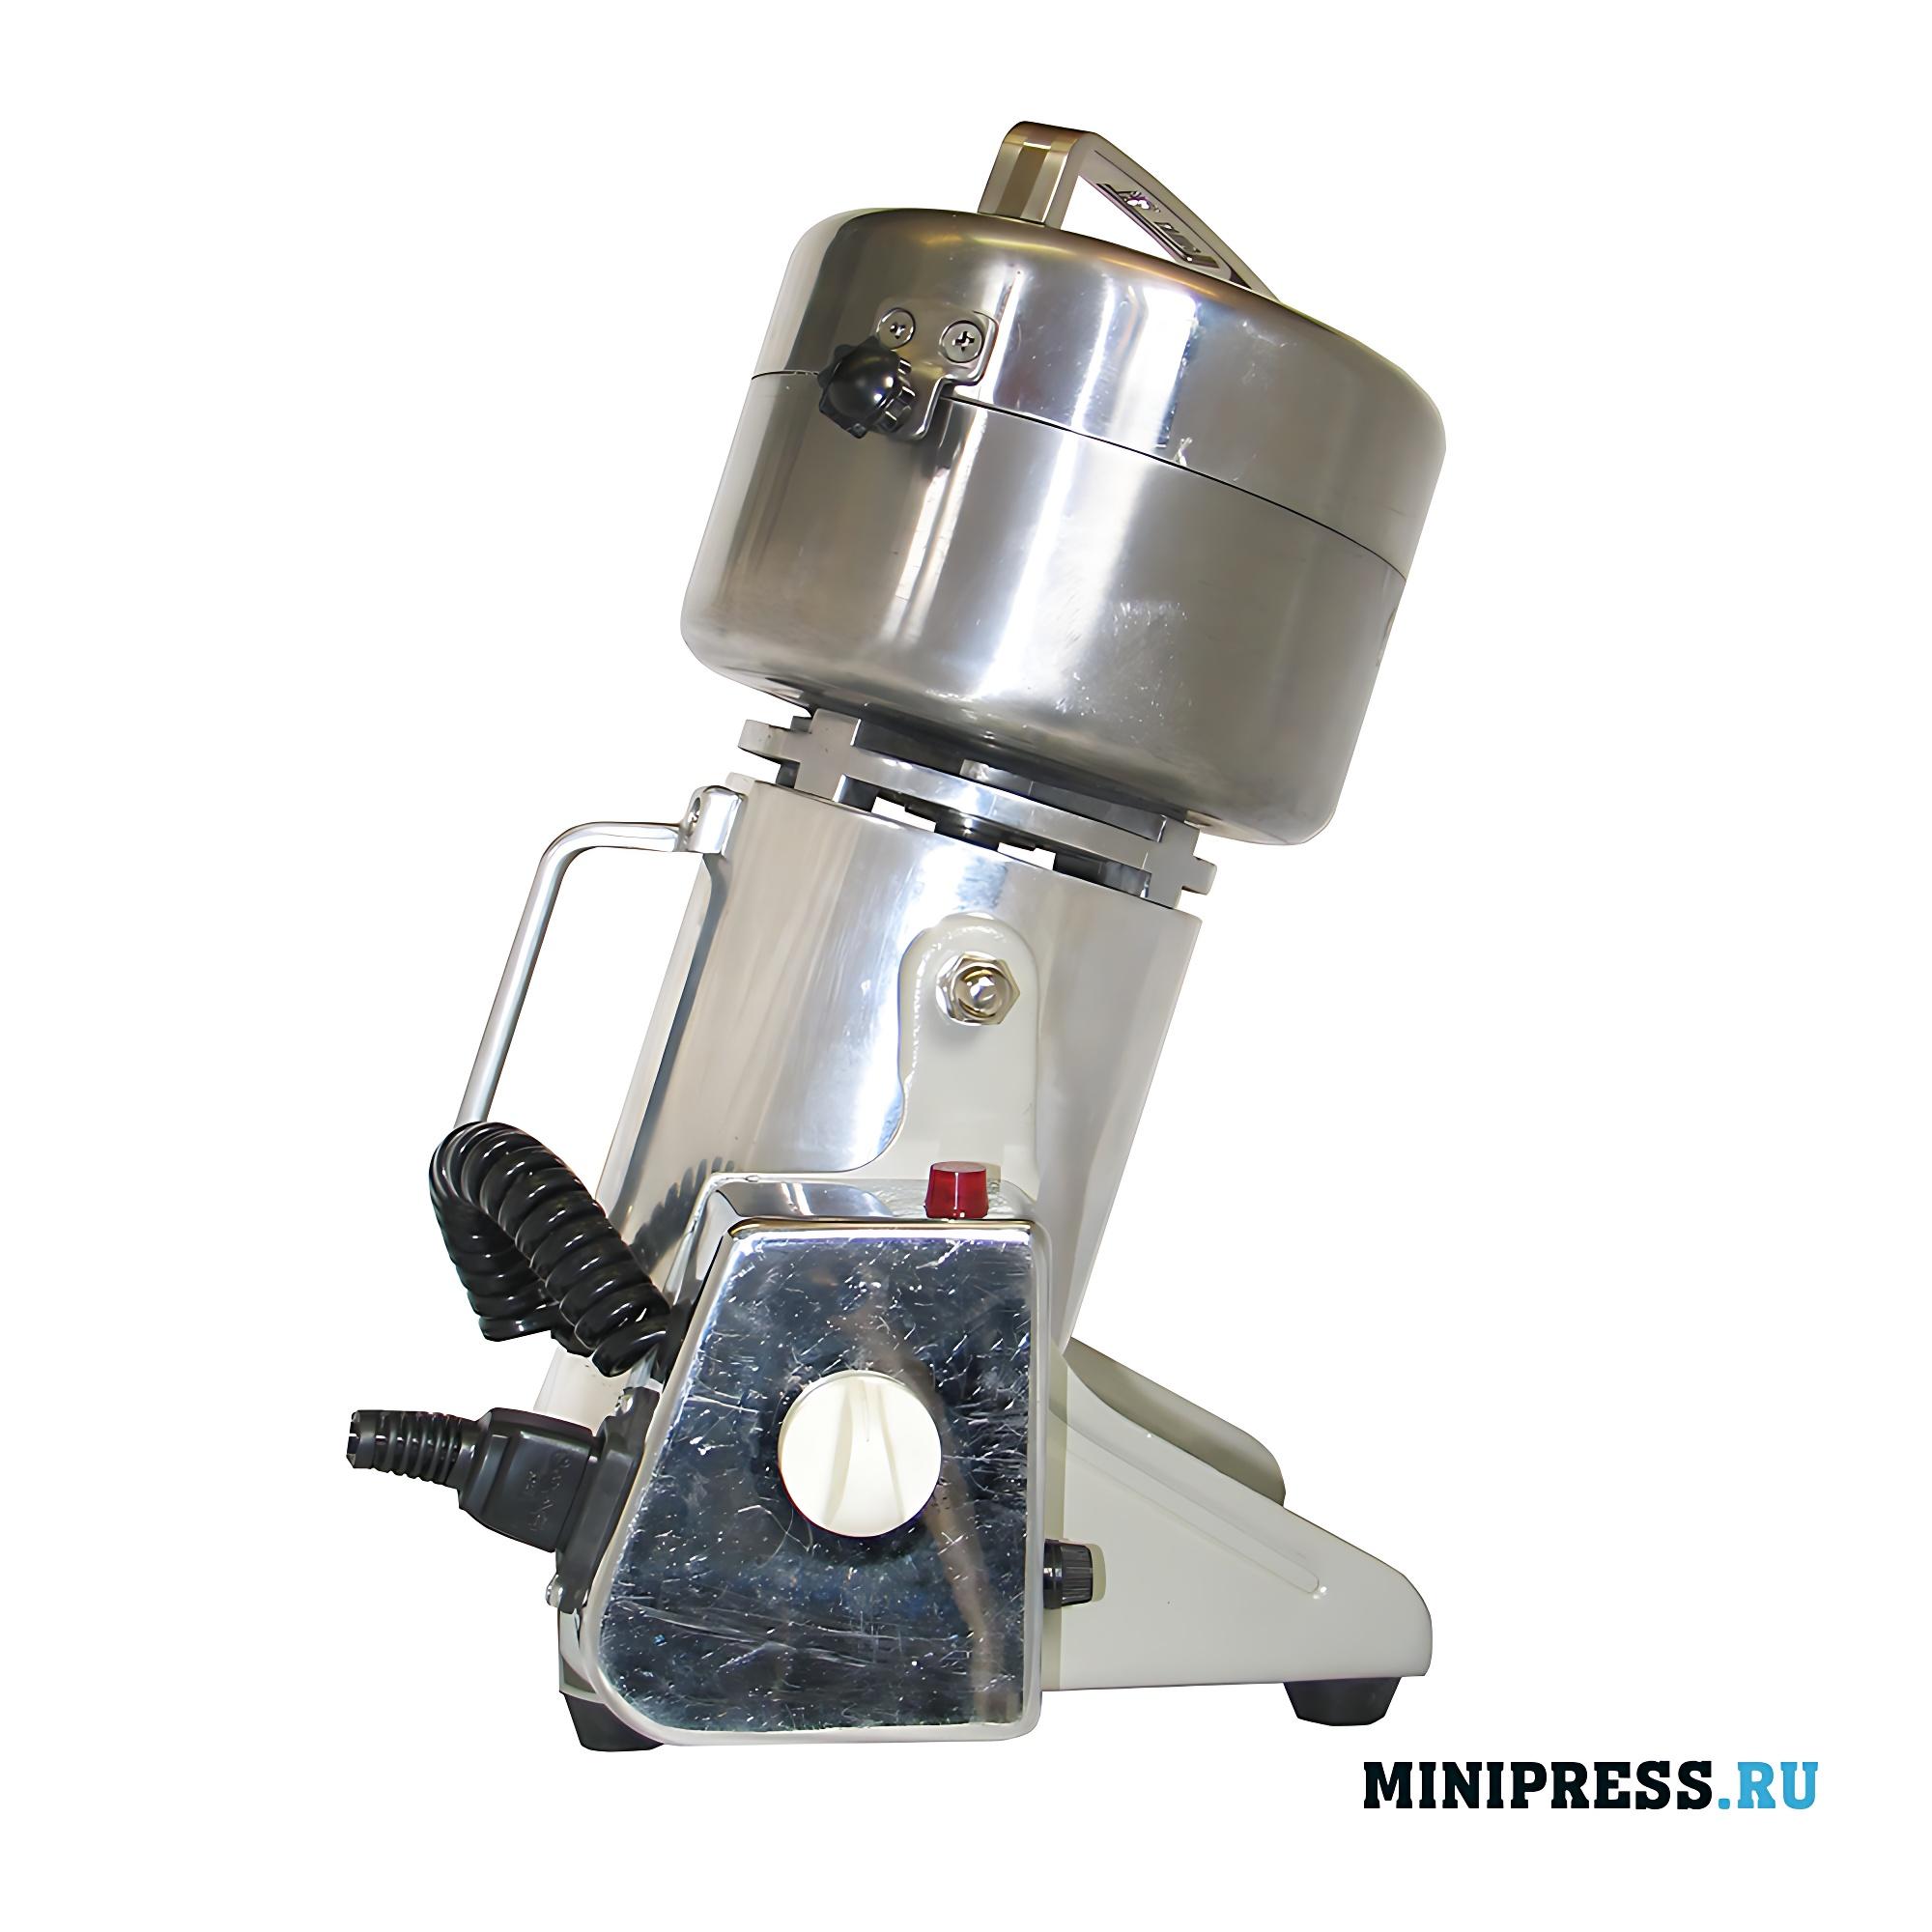 Оборудование для размола фармацевтического и пищевого сырья мельницы, измельчители